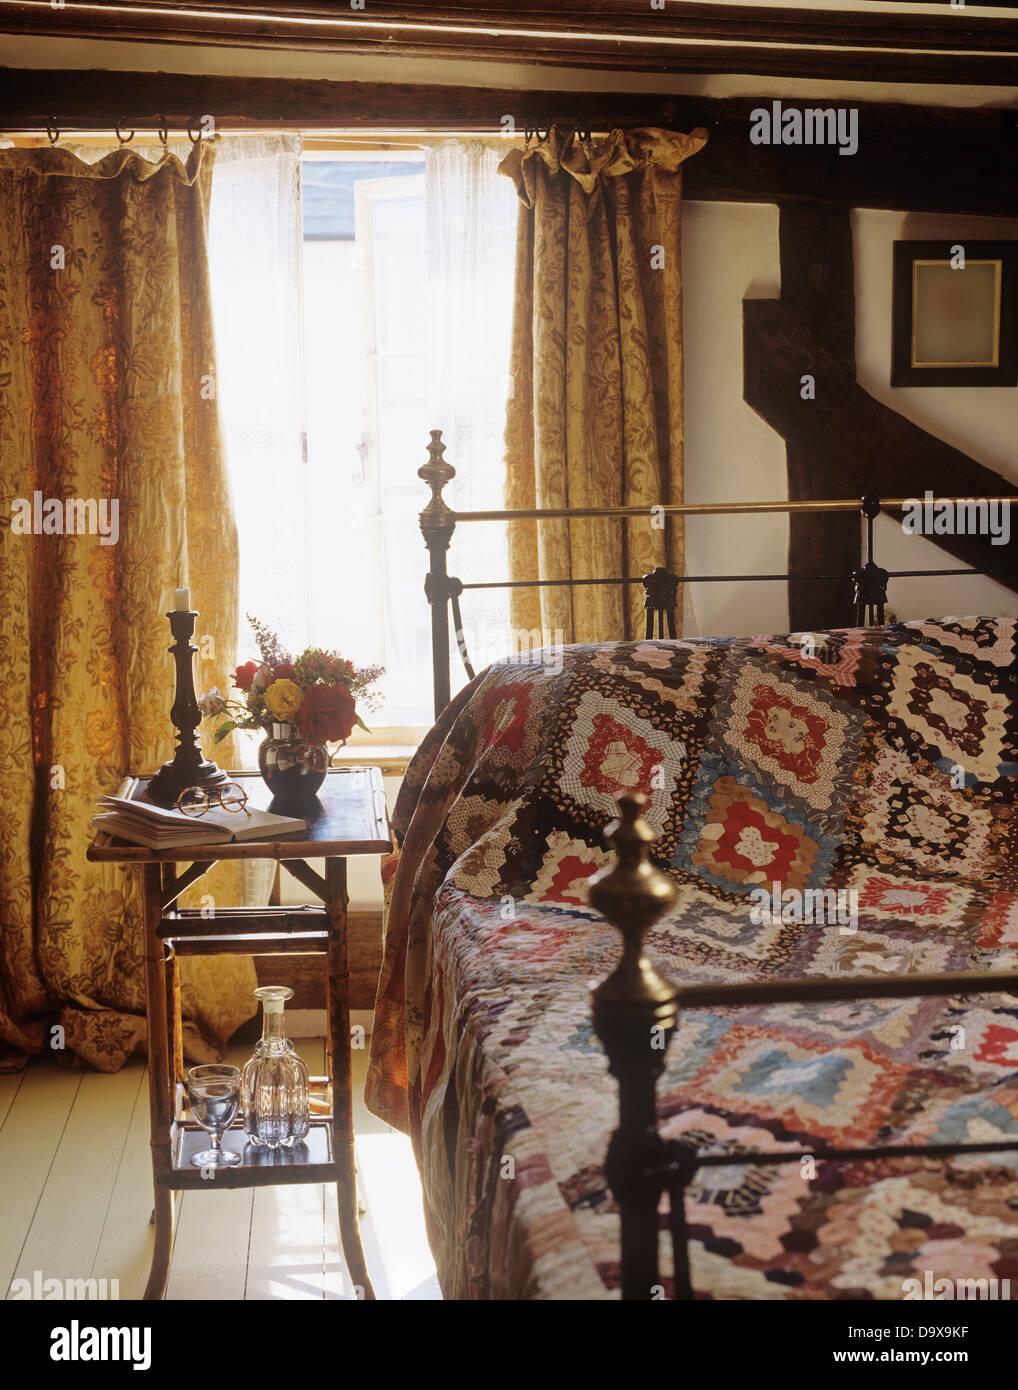 kleinen bambus tisch neben messingbett mit patchwork quilt im land schlafzimmer mit schweren. Black Bedroom Furniture Sets. Home Design Ideas